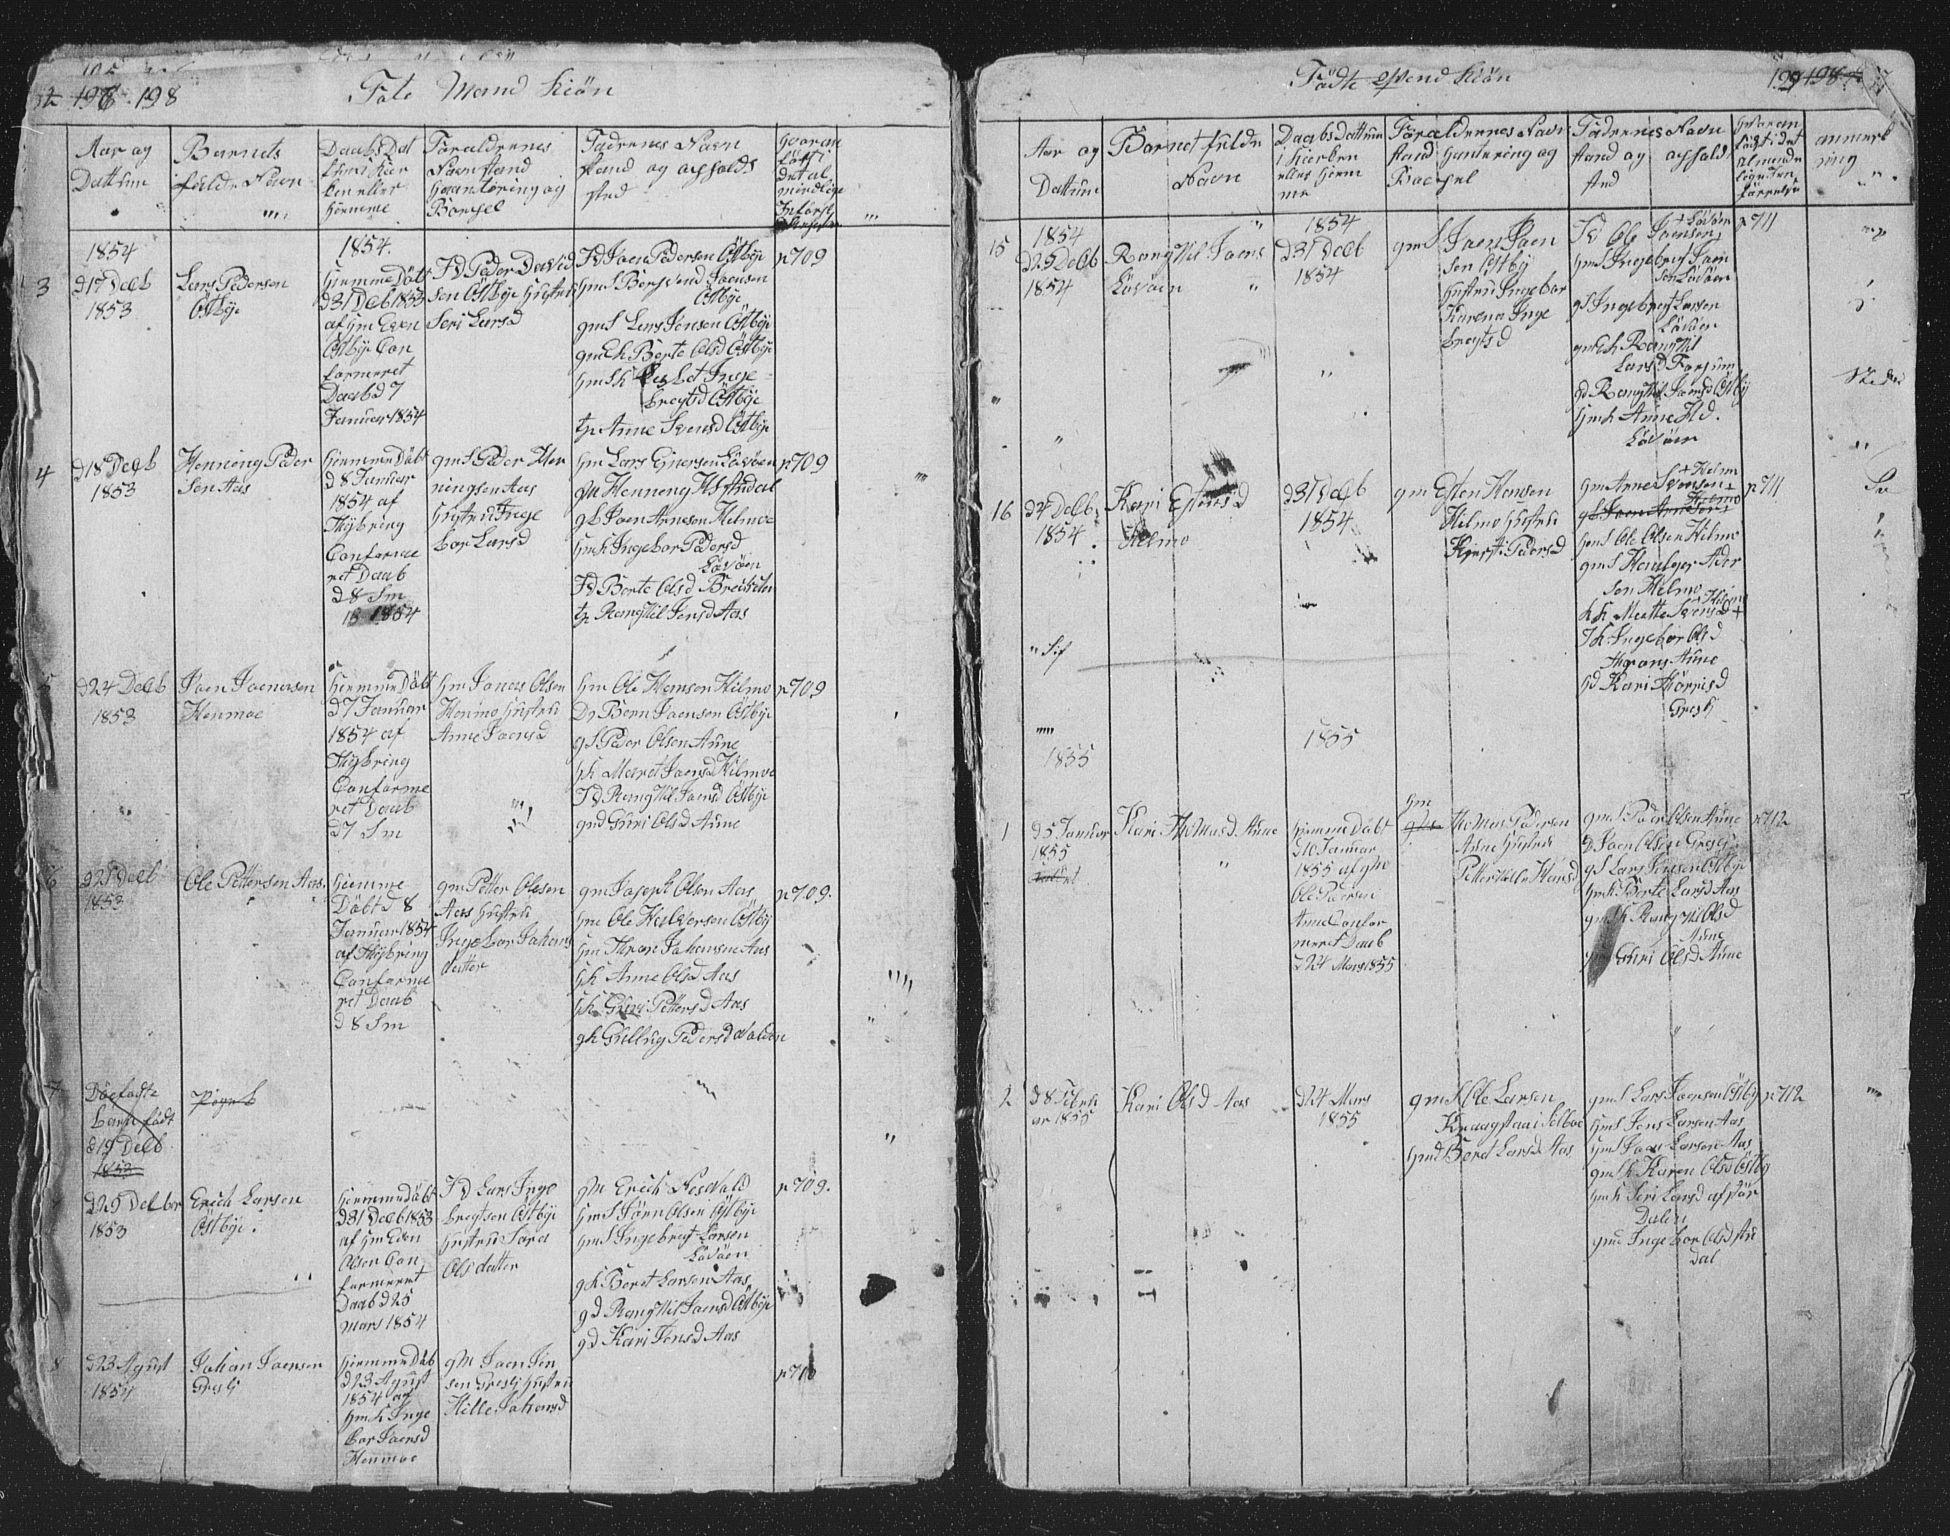 SAT, Ministerialprotokoller, klokkerbøker og fødselsregistre - Sør-Trøndelag, 698/L1165: Klokkerbok nr. 698C02, 1851-1861, s. 198-199